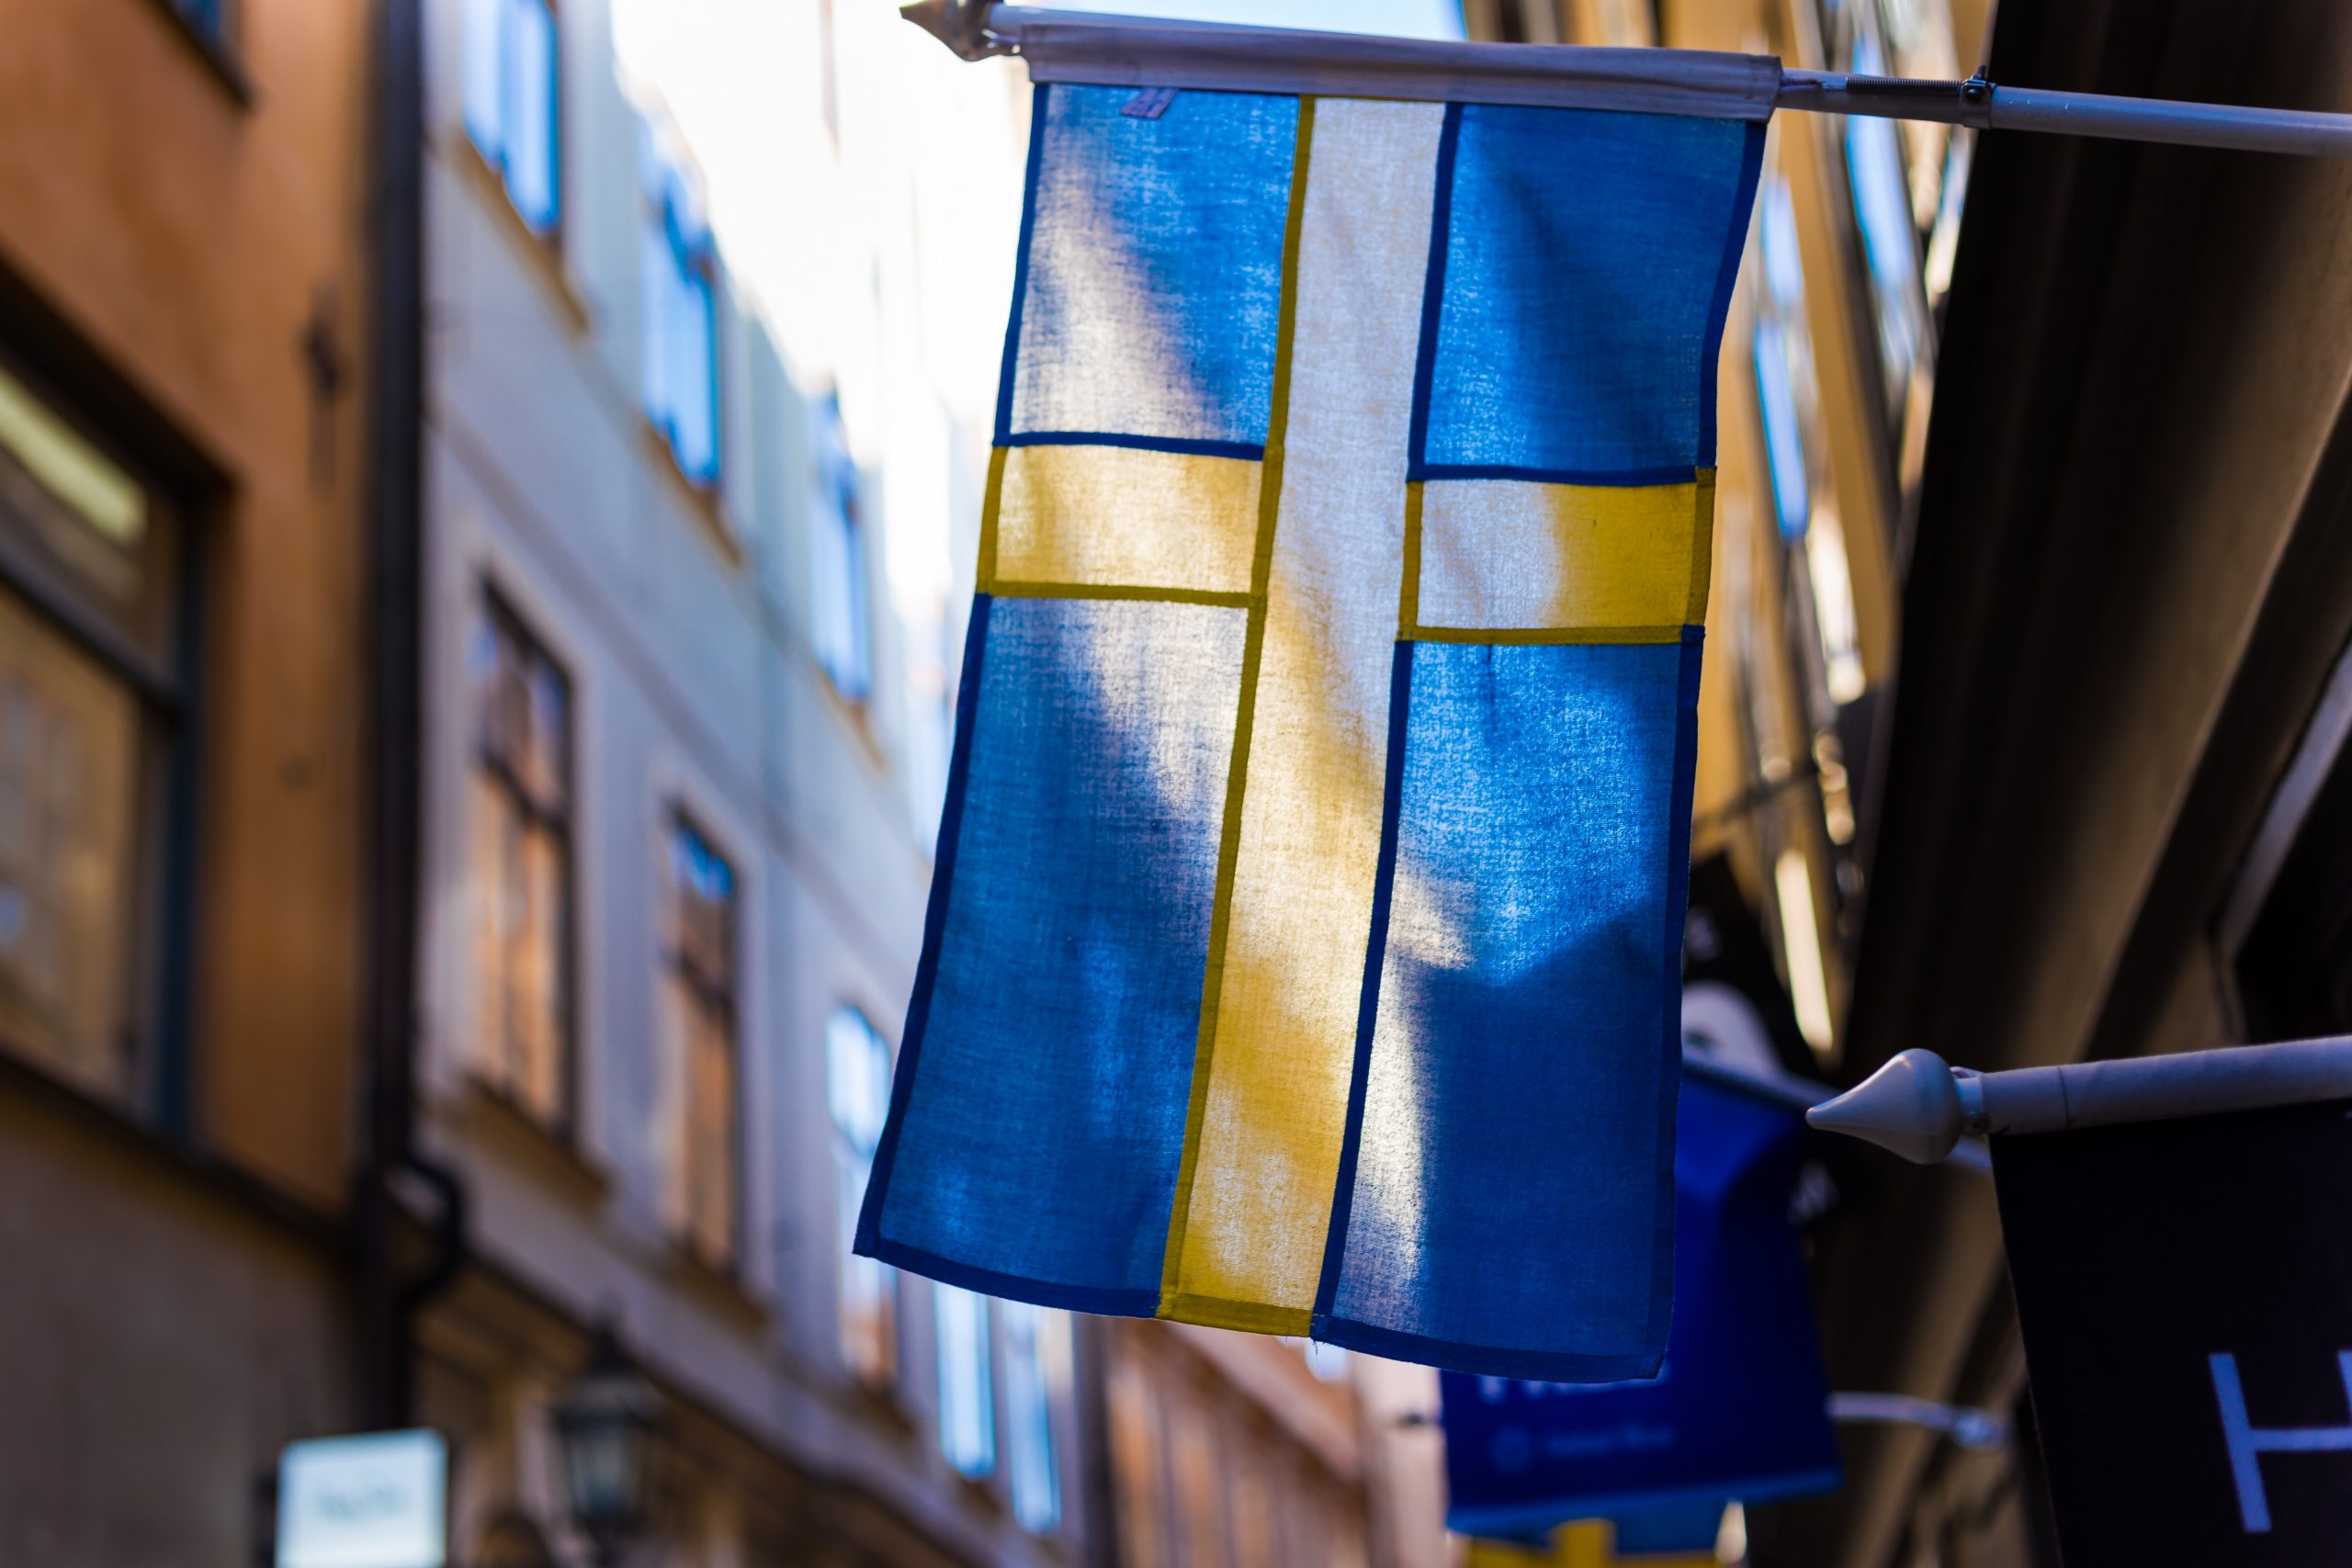 Tag et sprogkursus i svensk